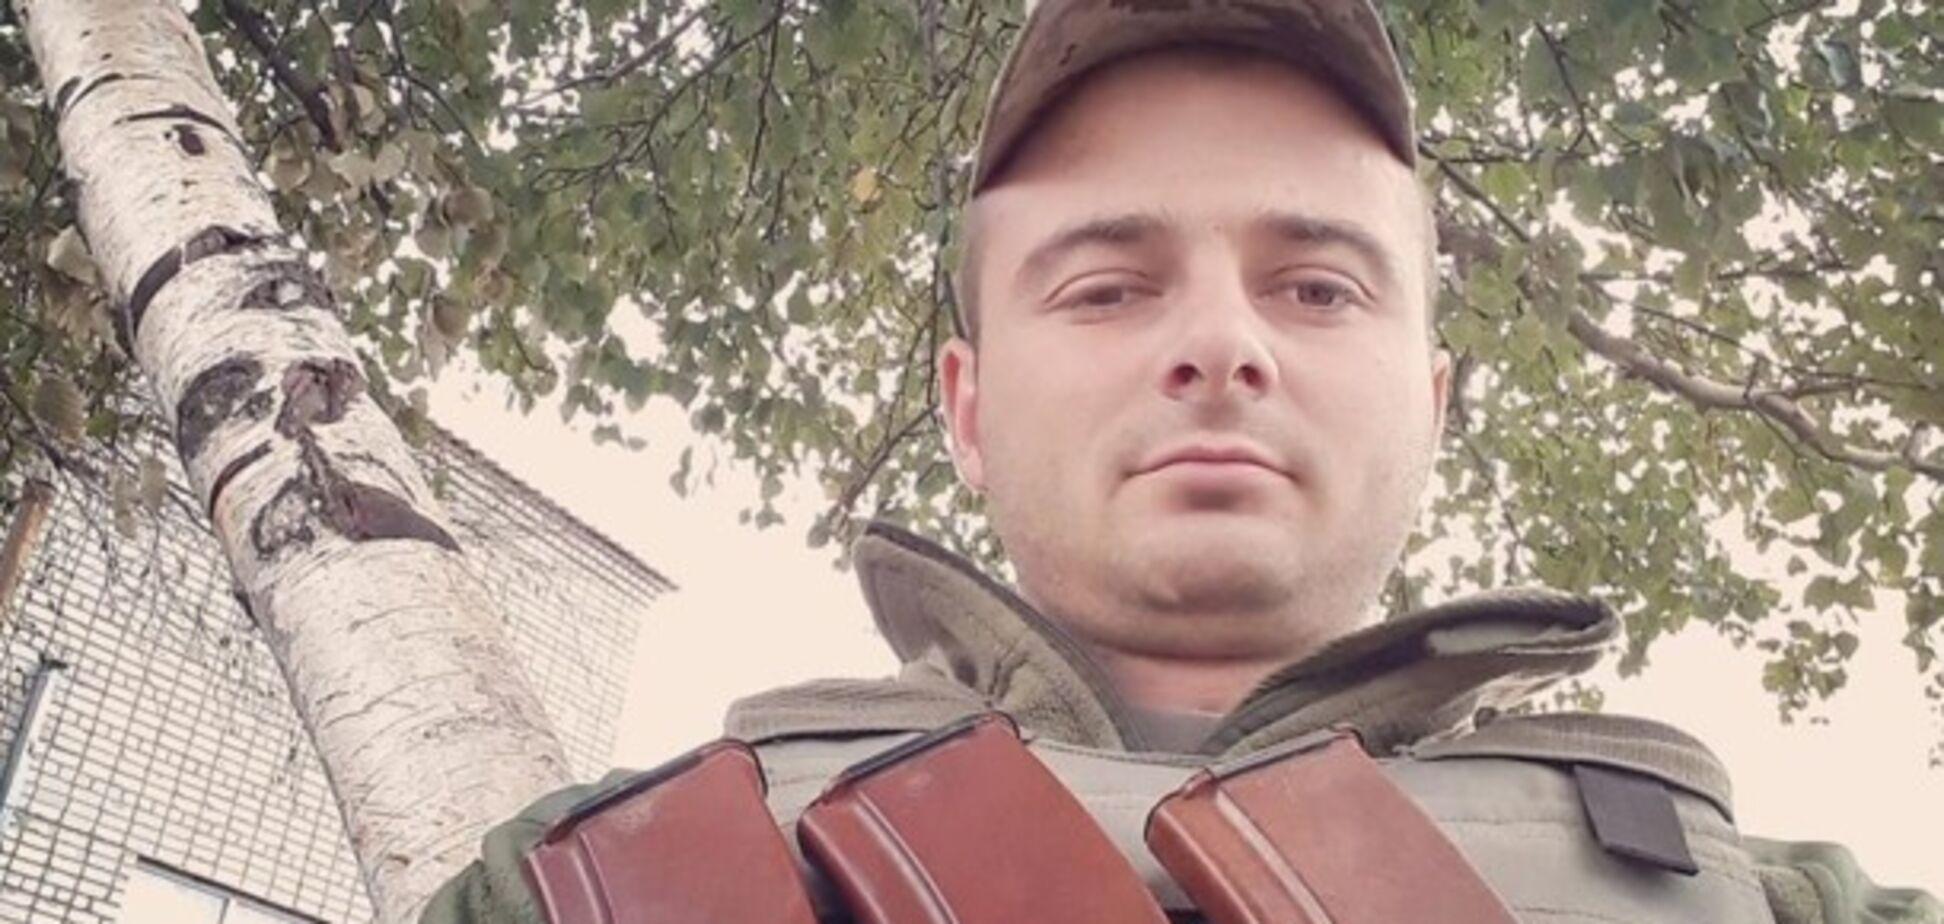 На Донбасі загинули двоє українських воїнів: фотографії бійців